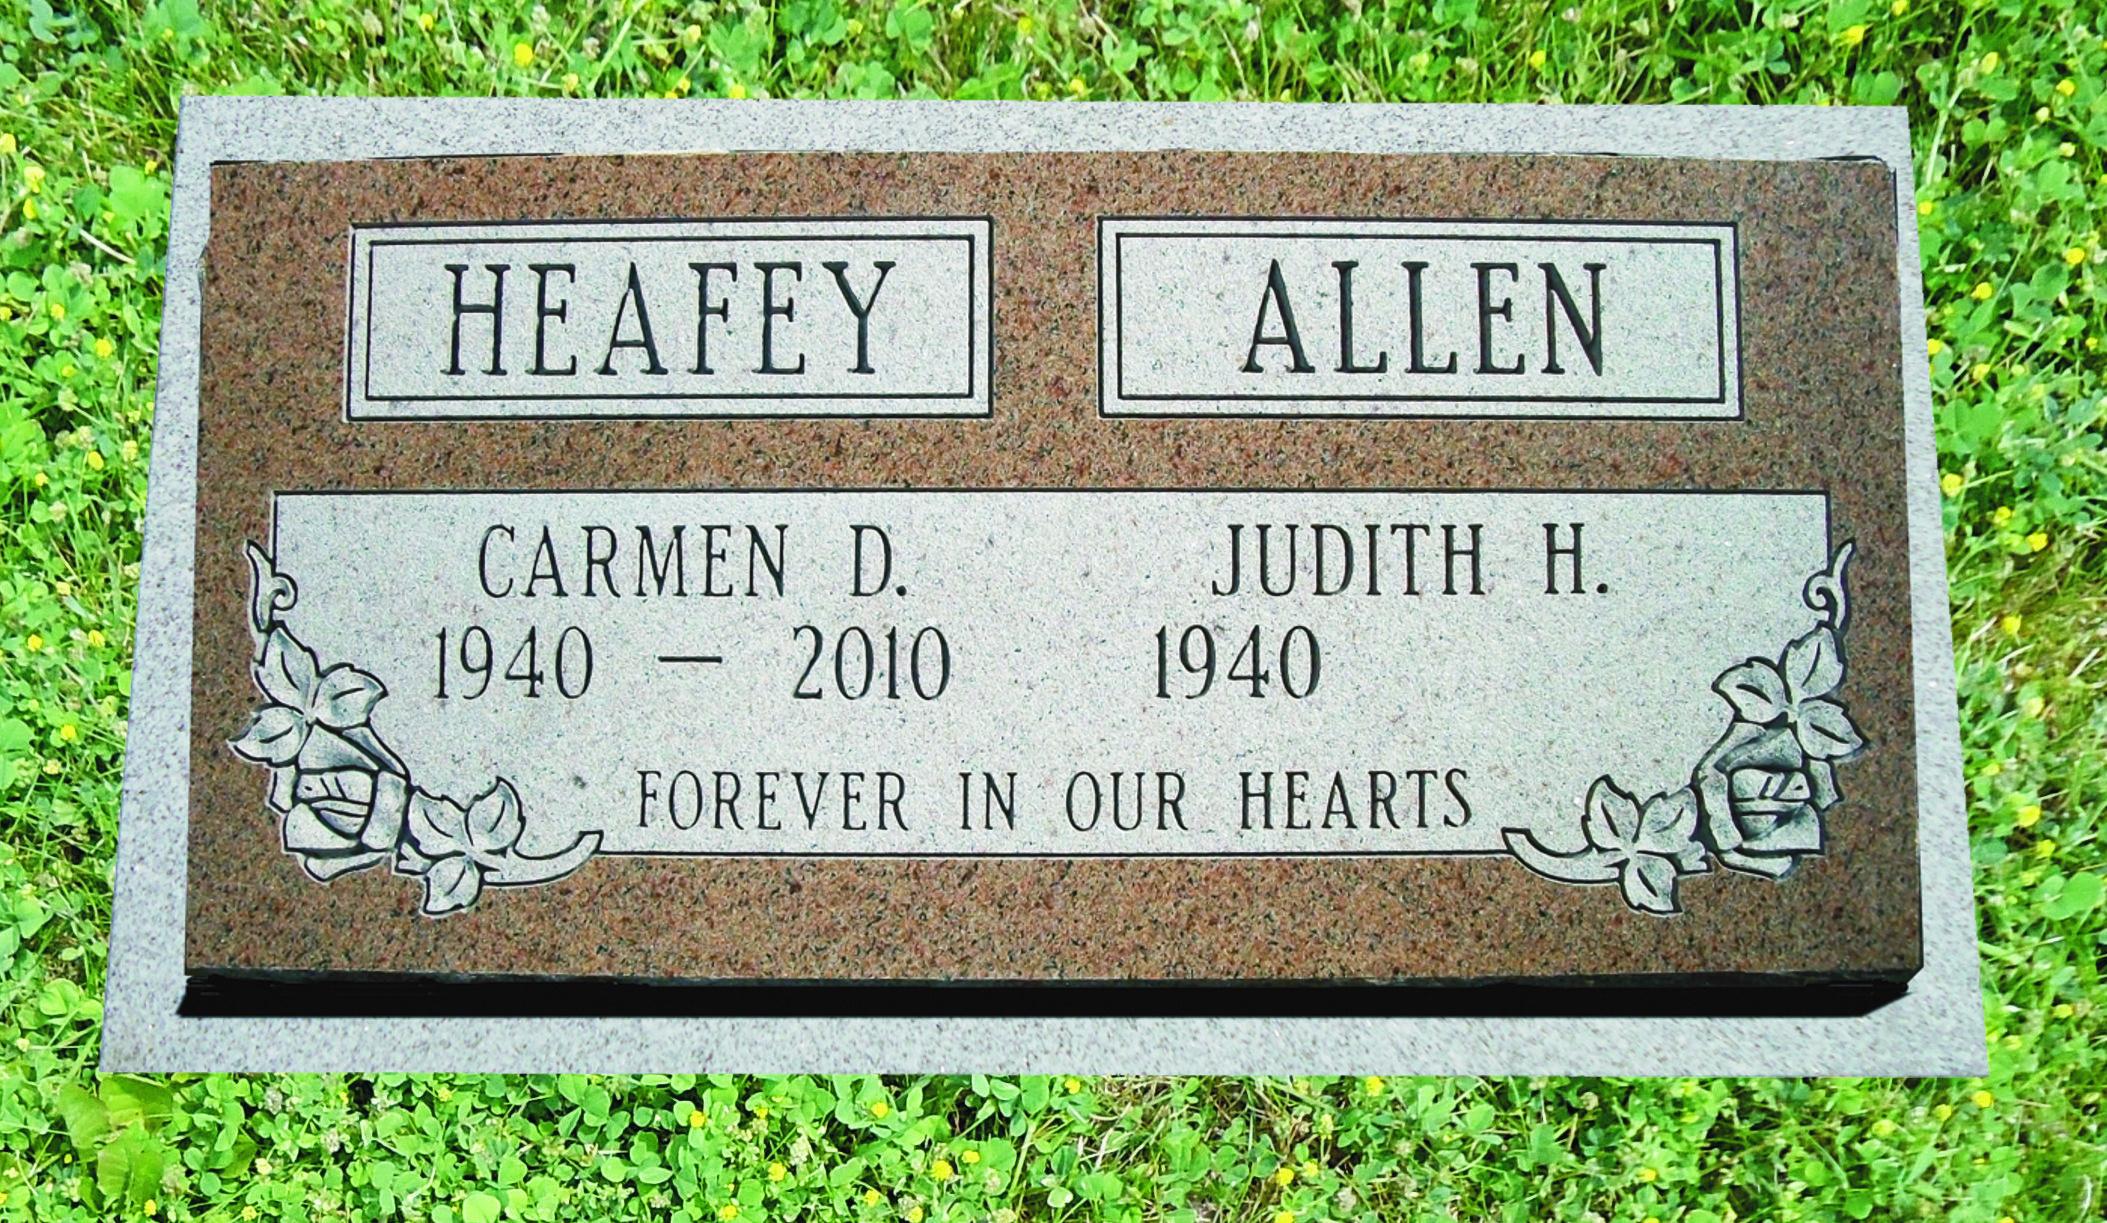 Heafey / Allen